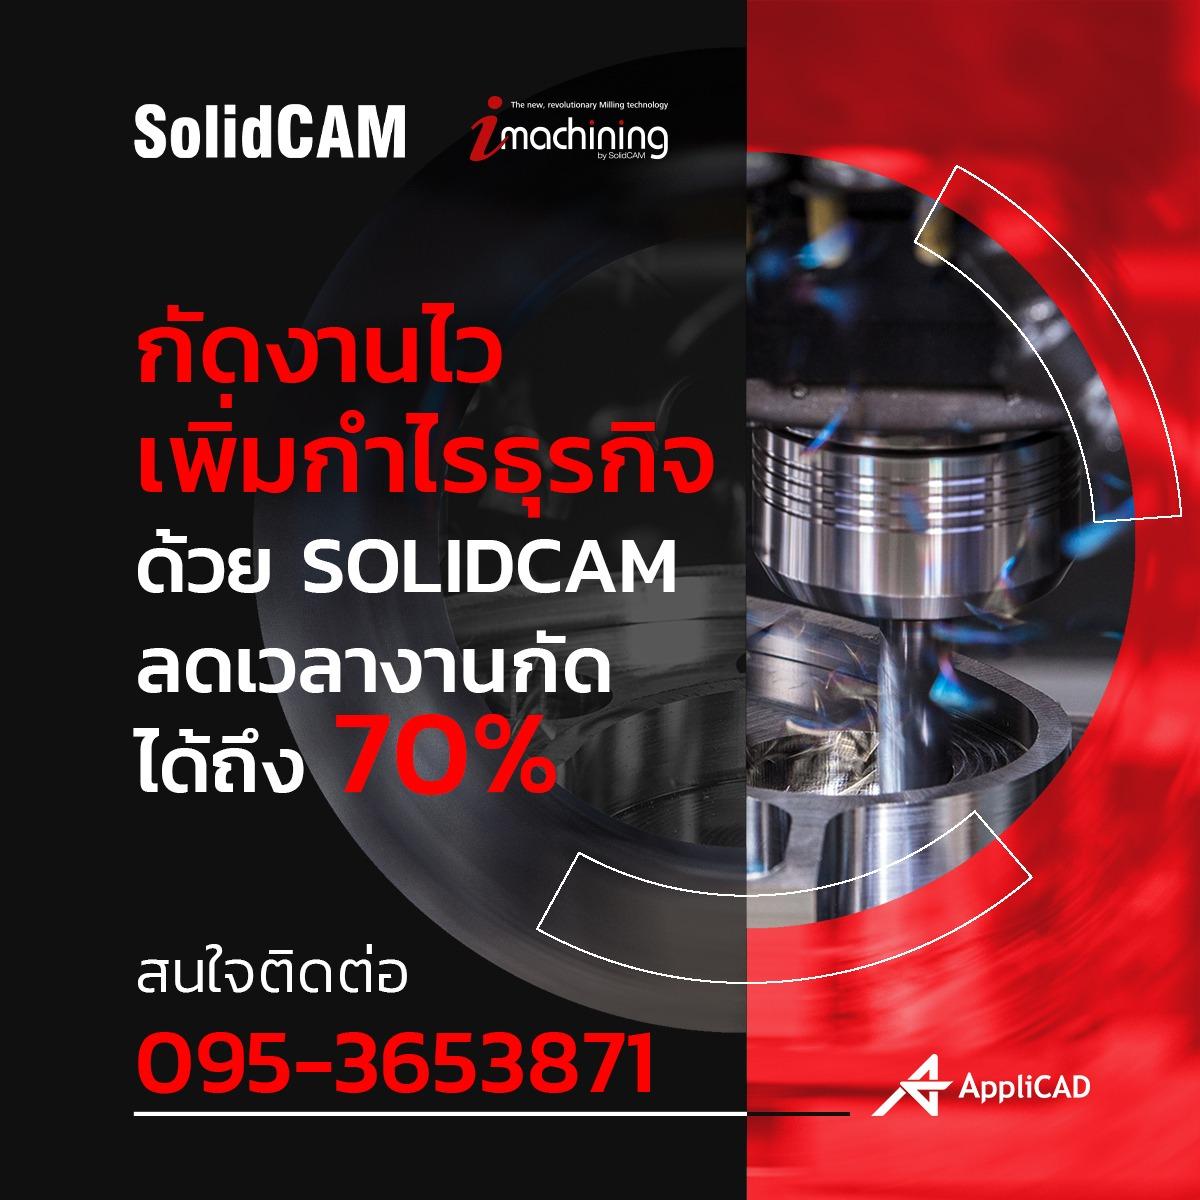 SolidCAM โปรแกรม CAM สำหรับกัดและกลึงงานที่มีประสิทธิภาพสูง ทำงานอยู่บนหน้าต่าง SOLIDWORKS รองรับเครื่อง CNC ทุกประเภท